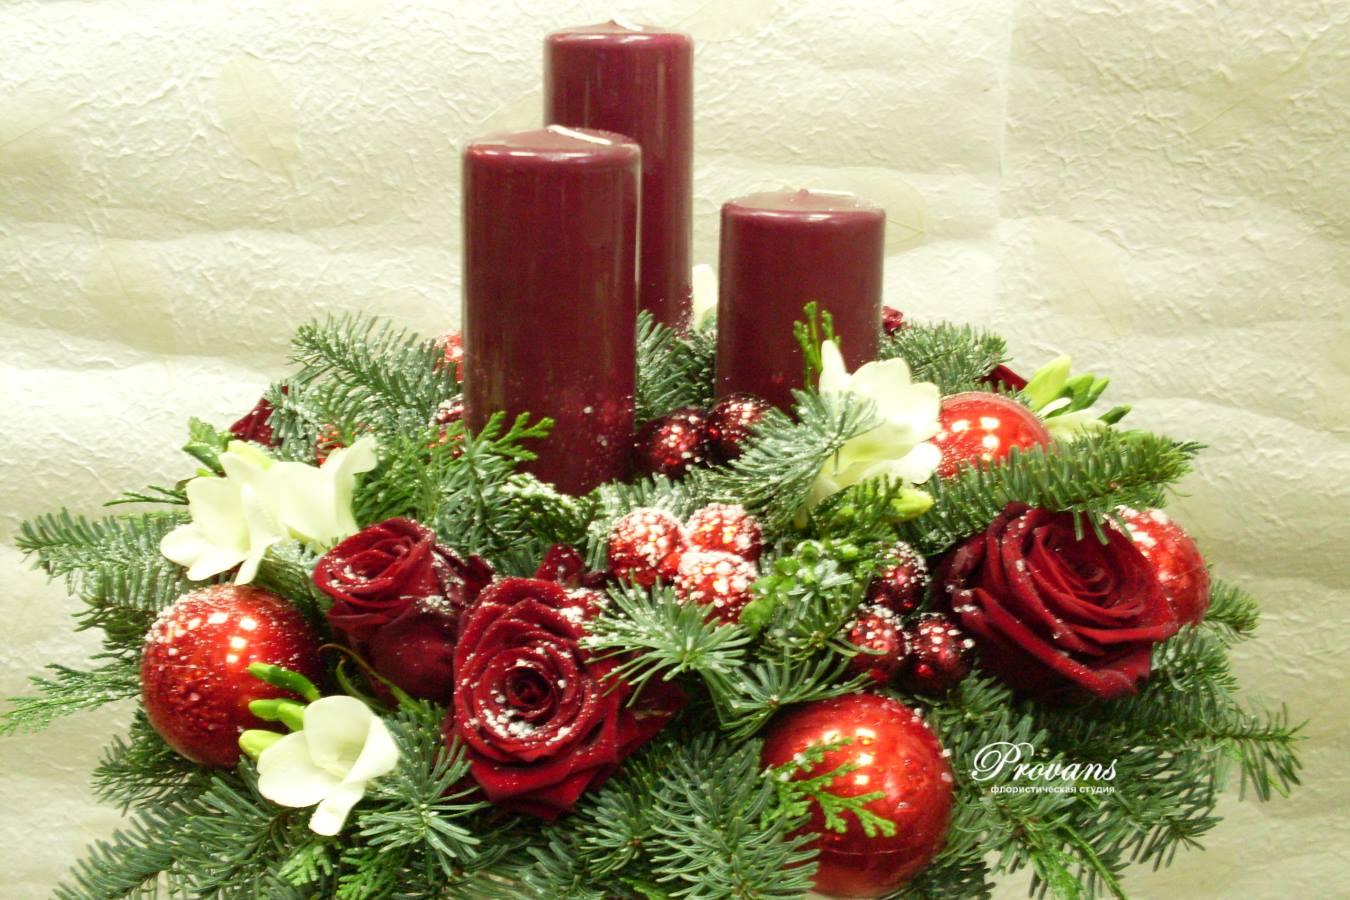 Новогодняя композиция из искусственной ели с цветами